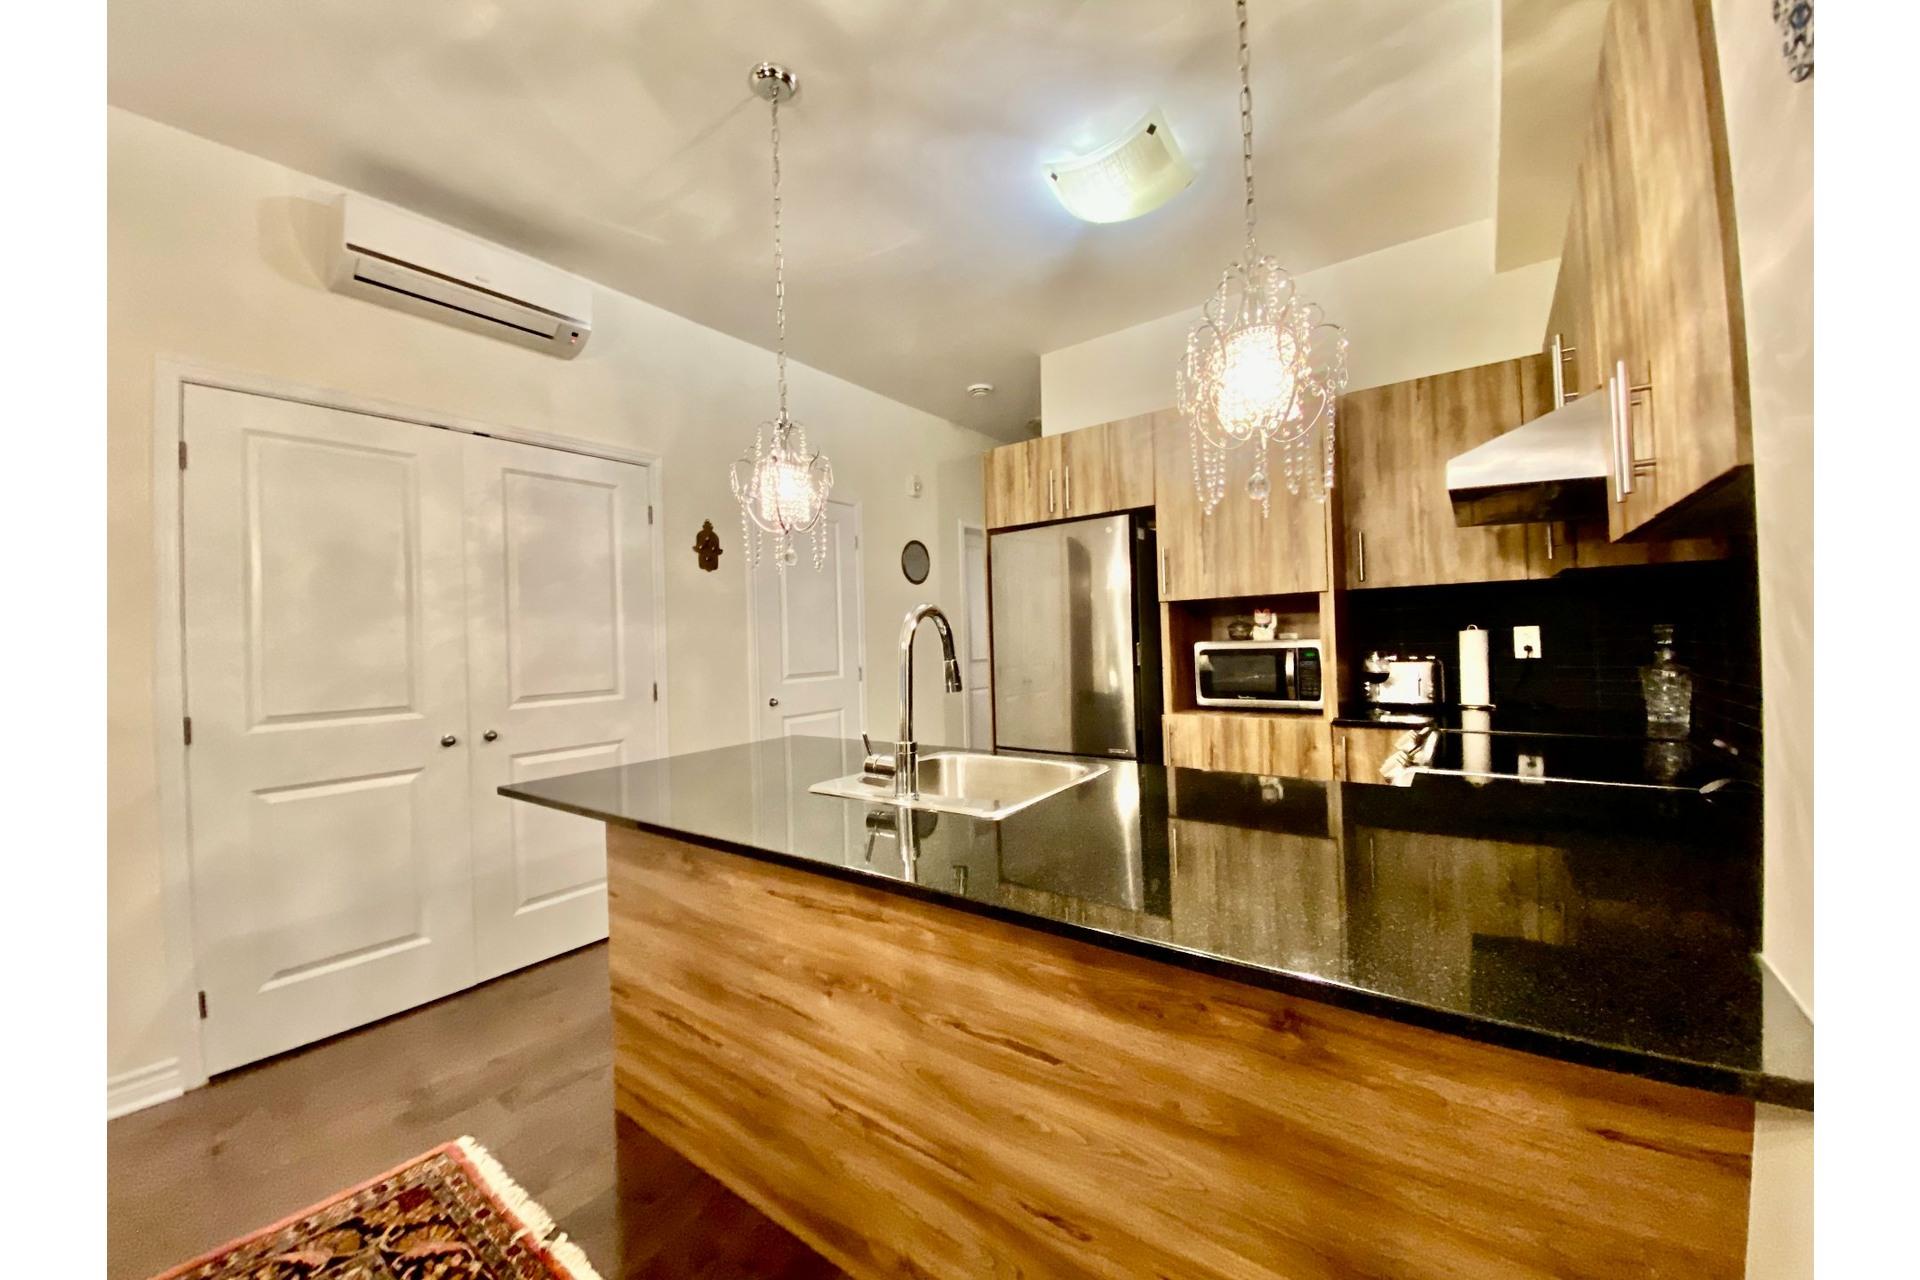 image 7 - Appartement À vendre Lachine Montréal  - 7 pièces